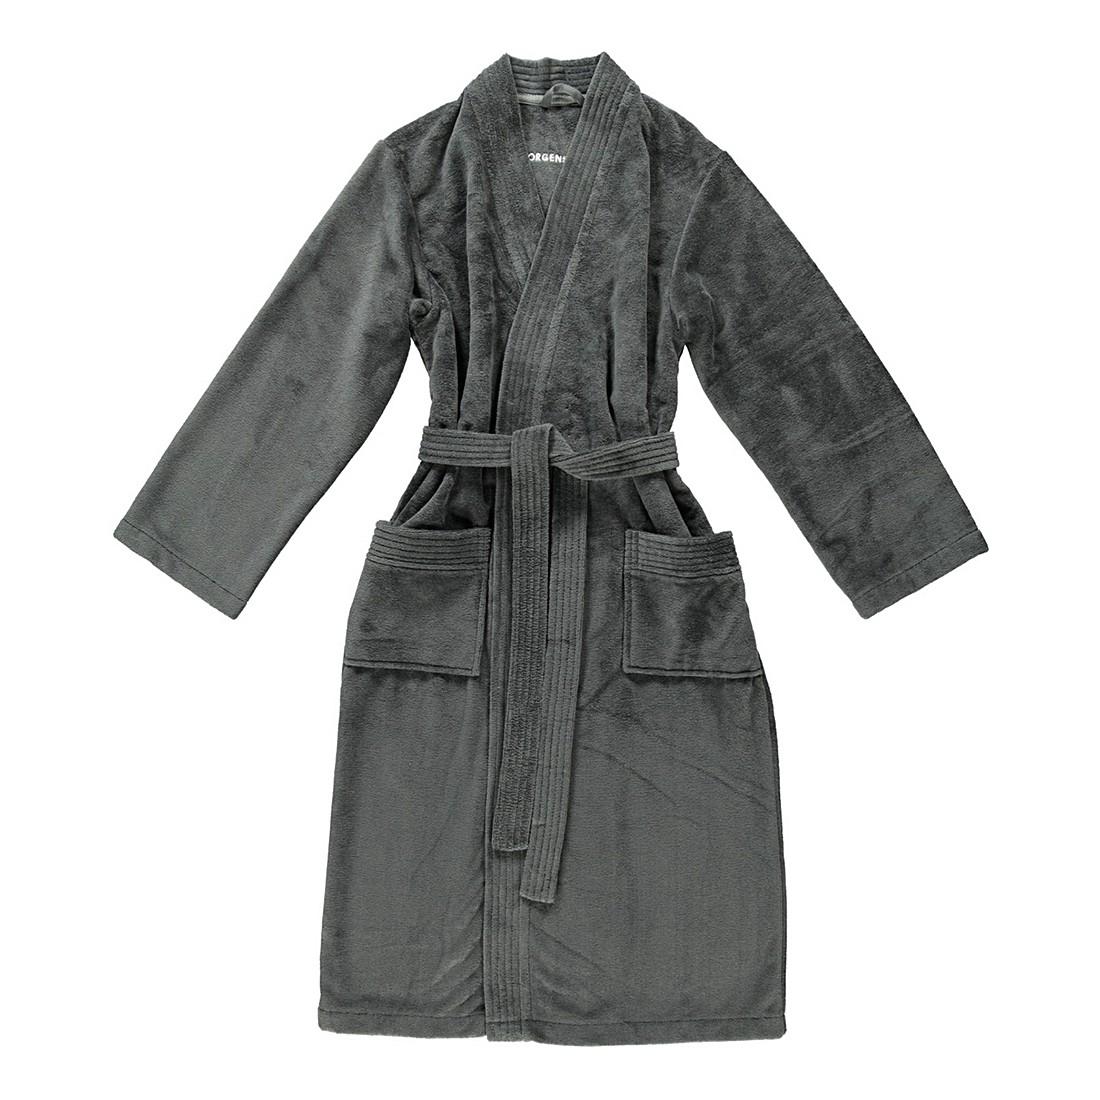 Bademantel Adam – Herren – Multifaser – 40% Polyester – 30% Baumwolle – 30% Viskose – Anthrazit – Größe: XL, Morgenstern günstig online kaufen